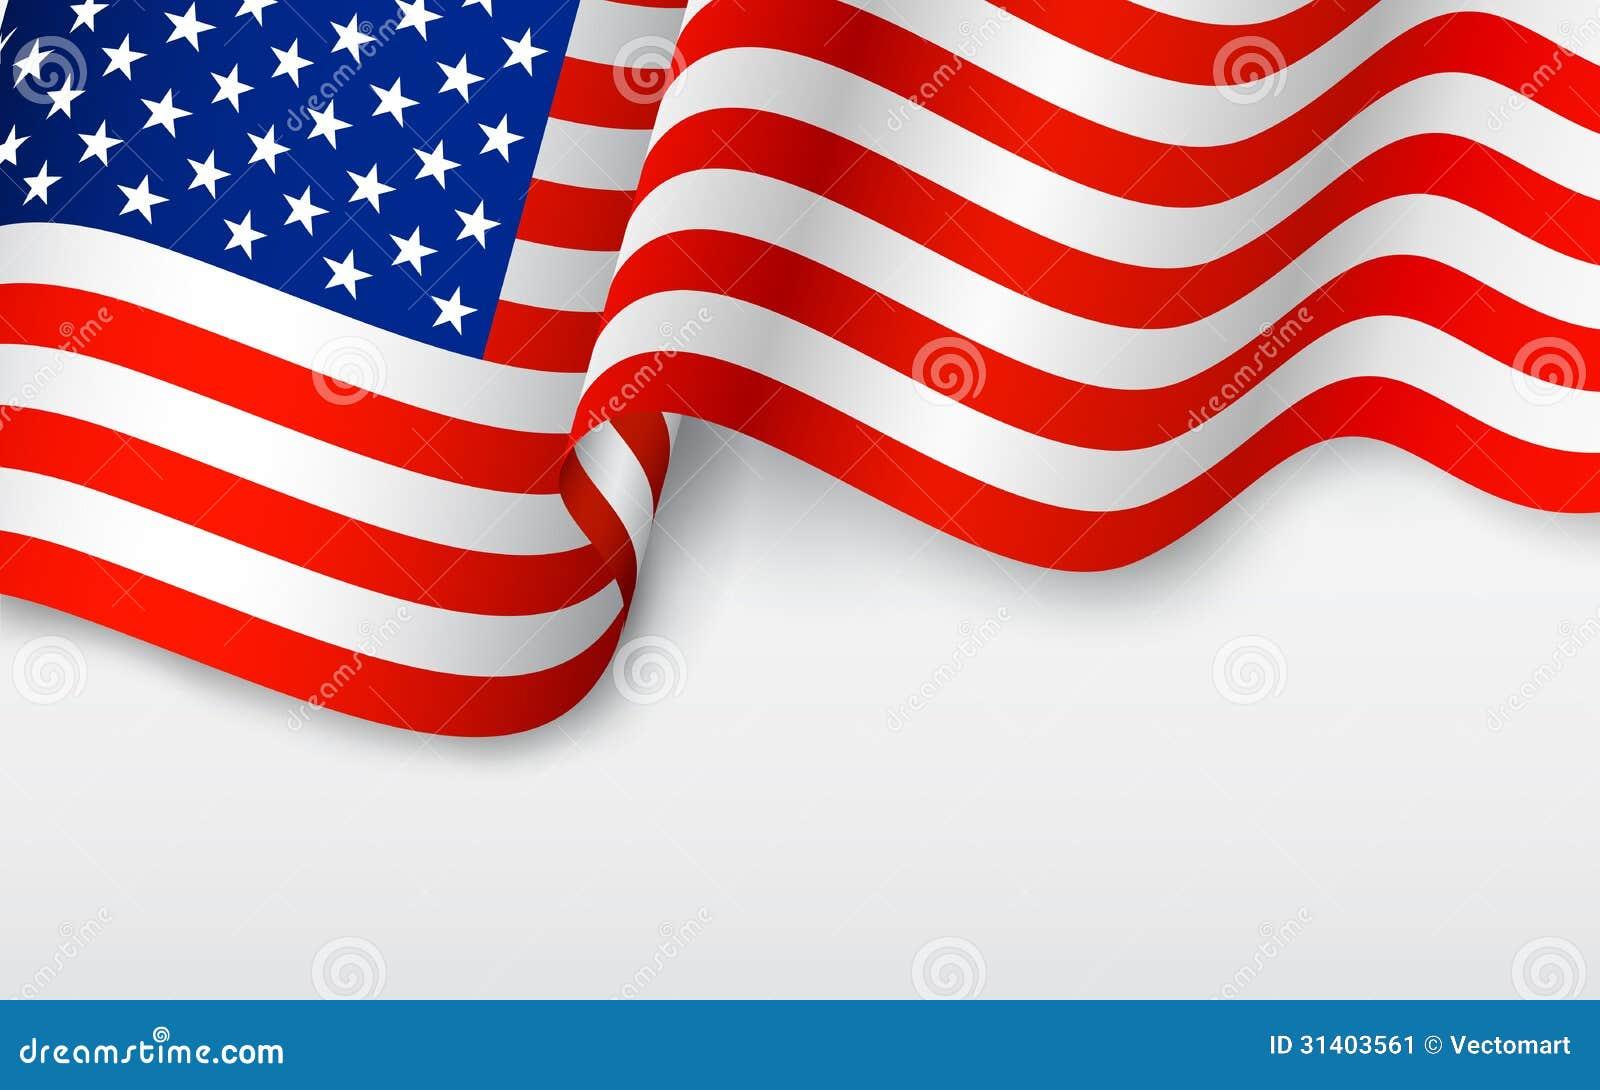 Волнистый американский флаг